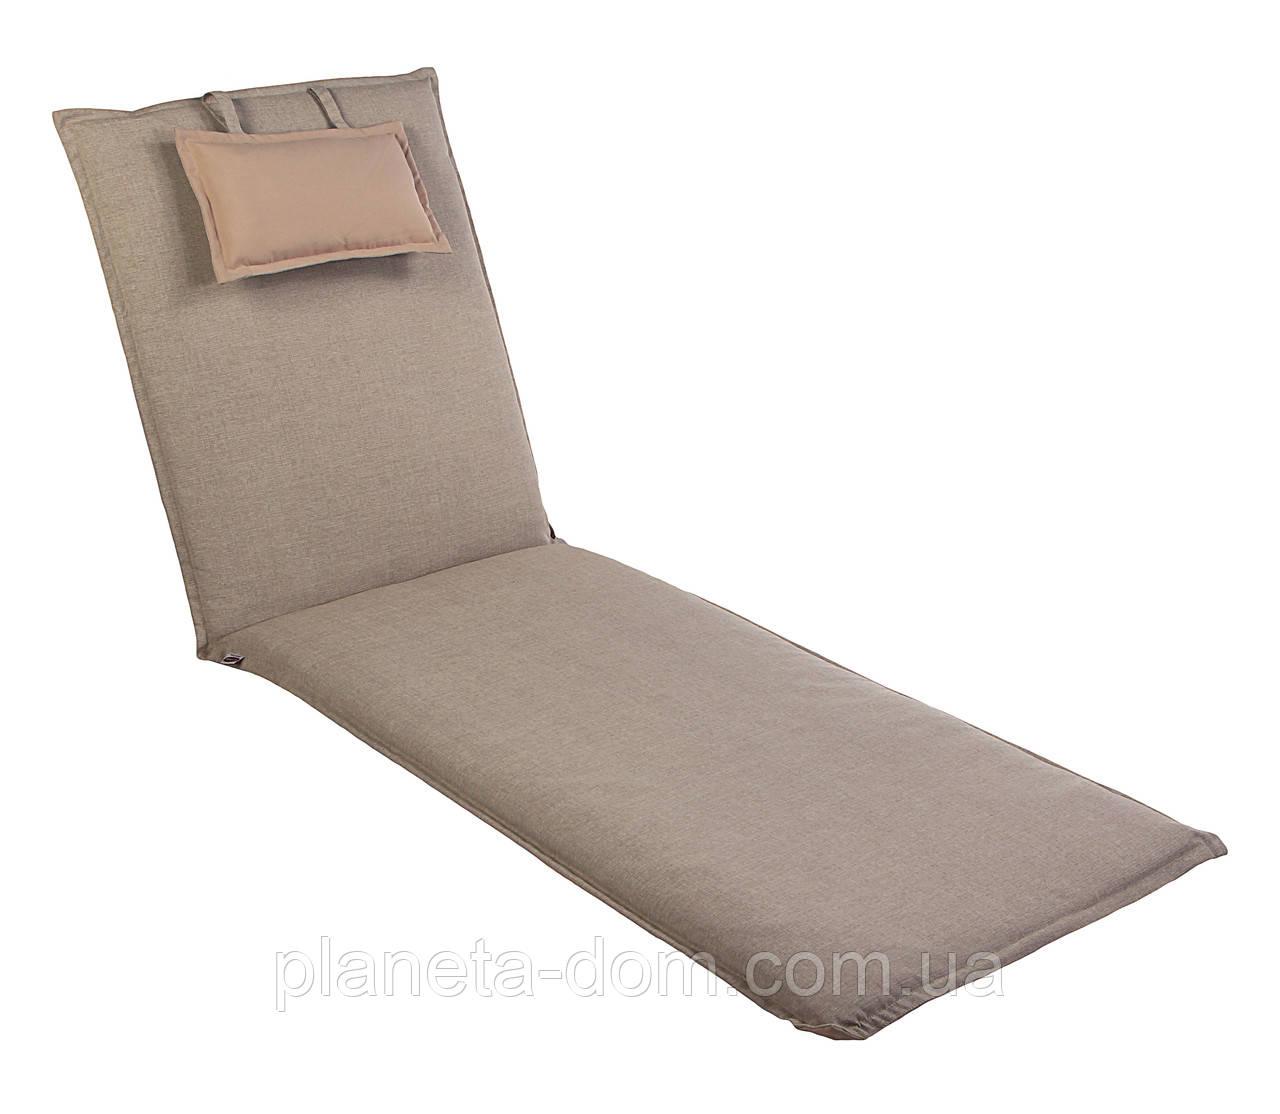 Матрас для лежака Lilu 4212